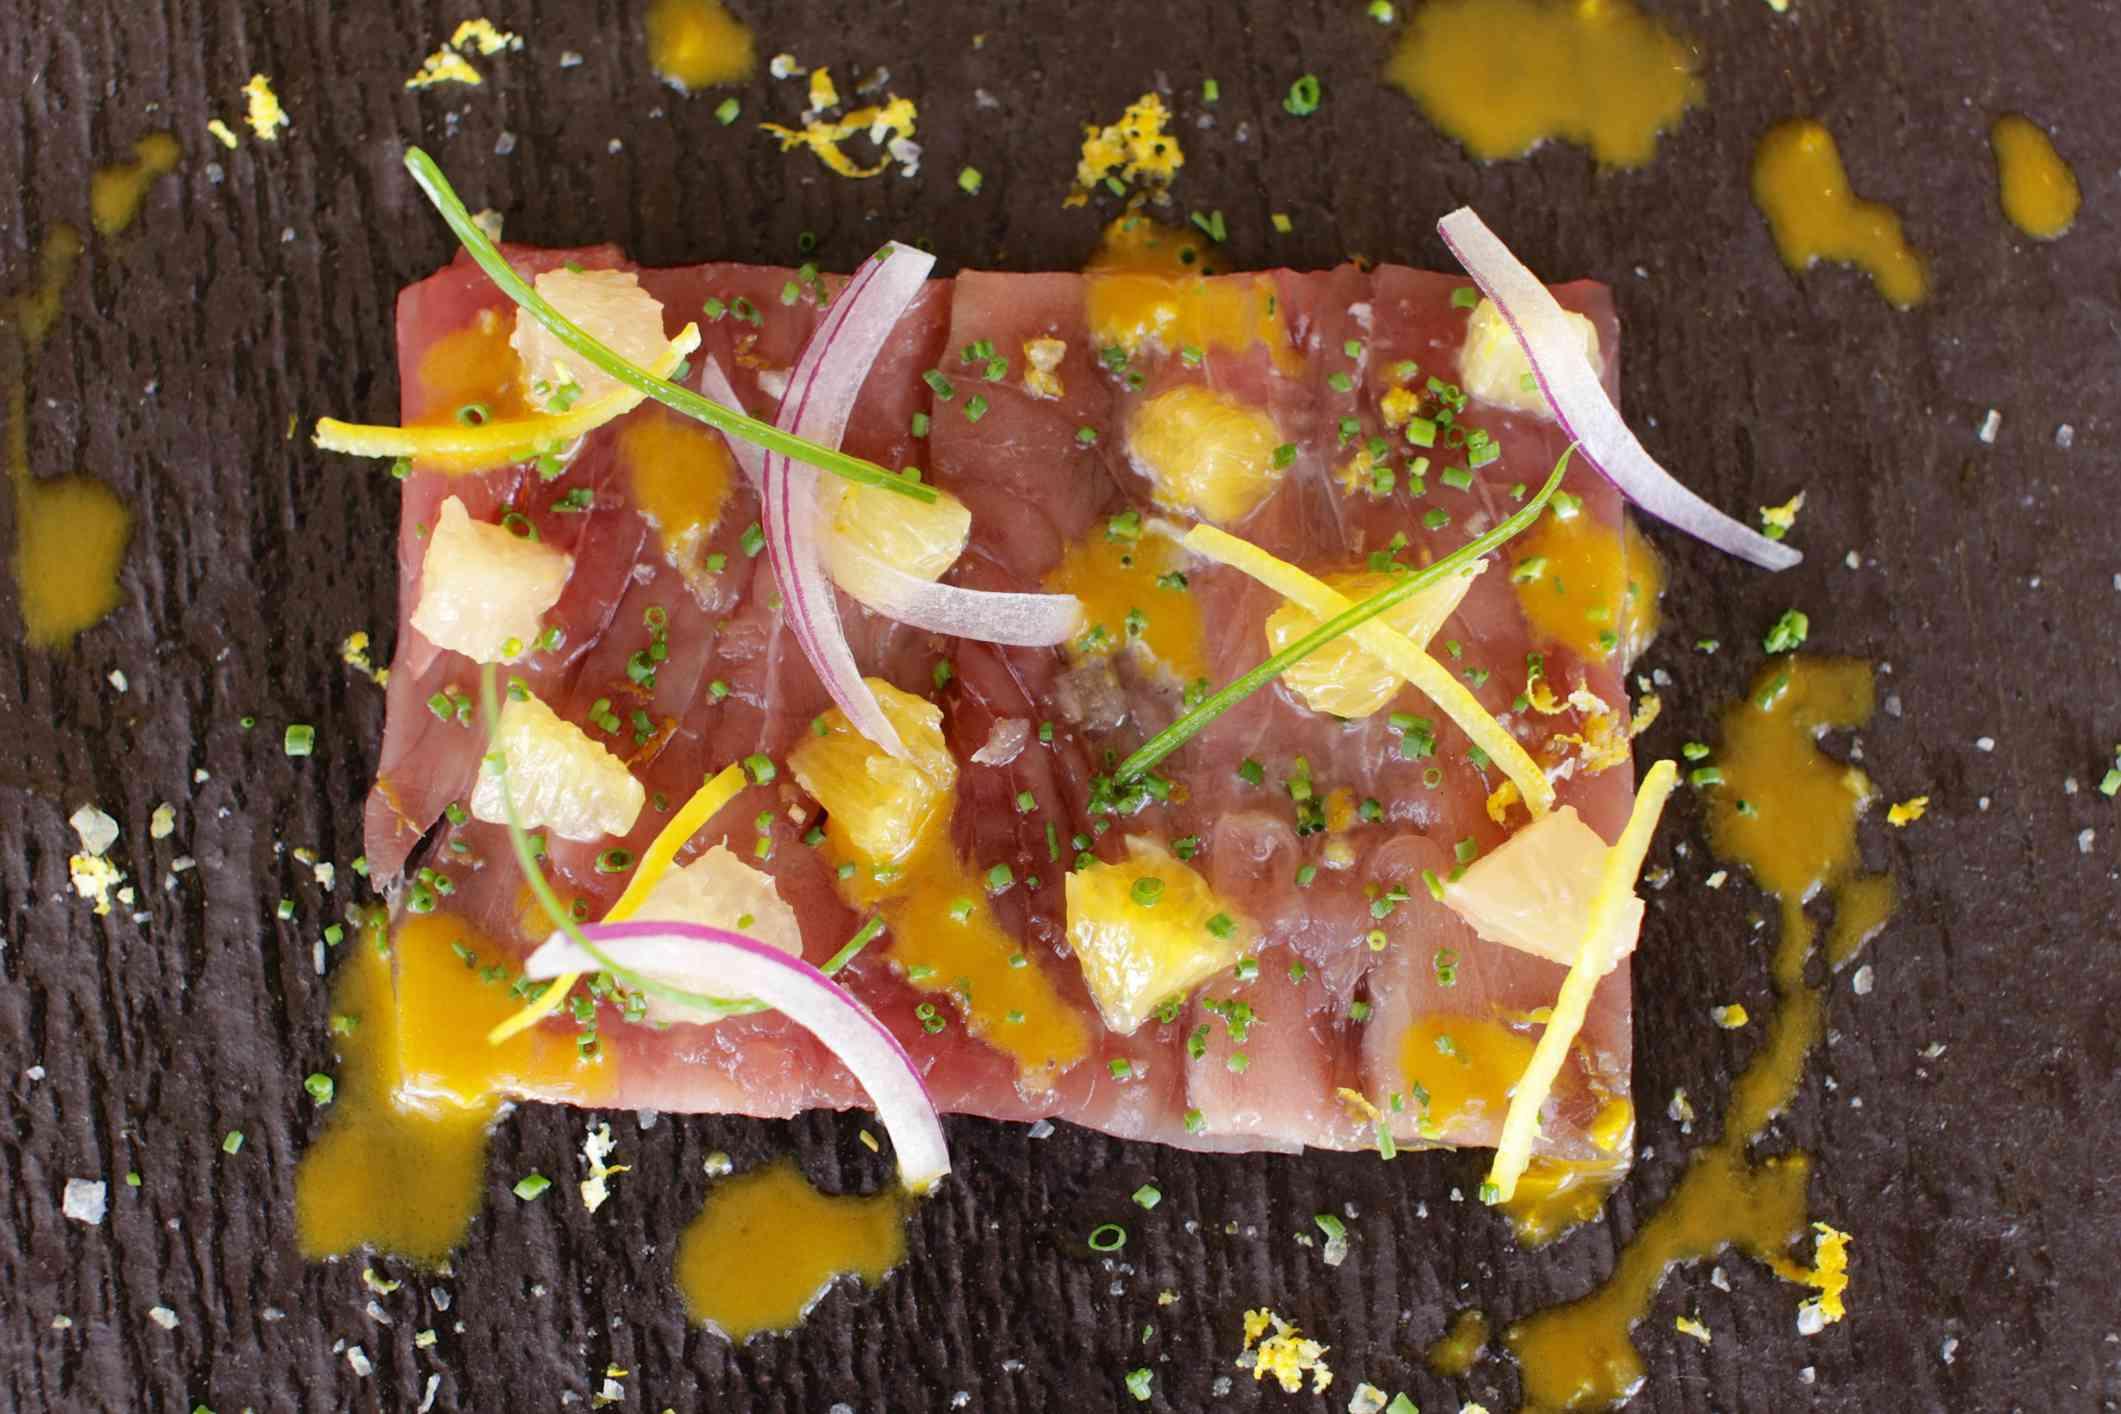 Tuna tiradito, red onion, citrus segments and ají amarillo sauce